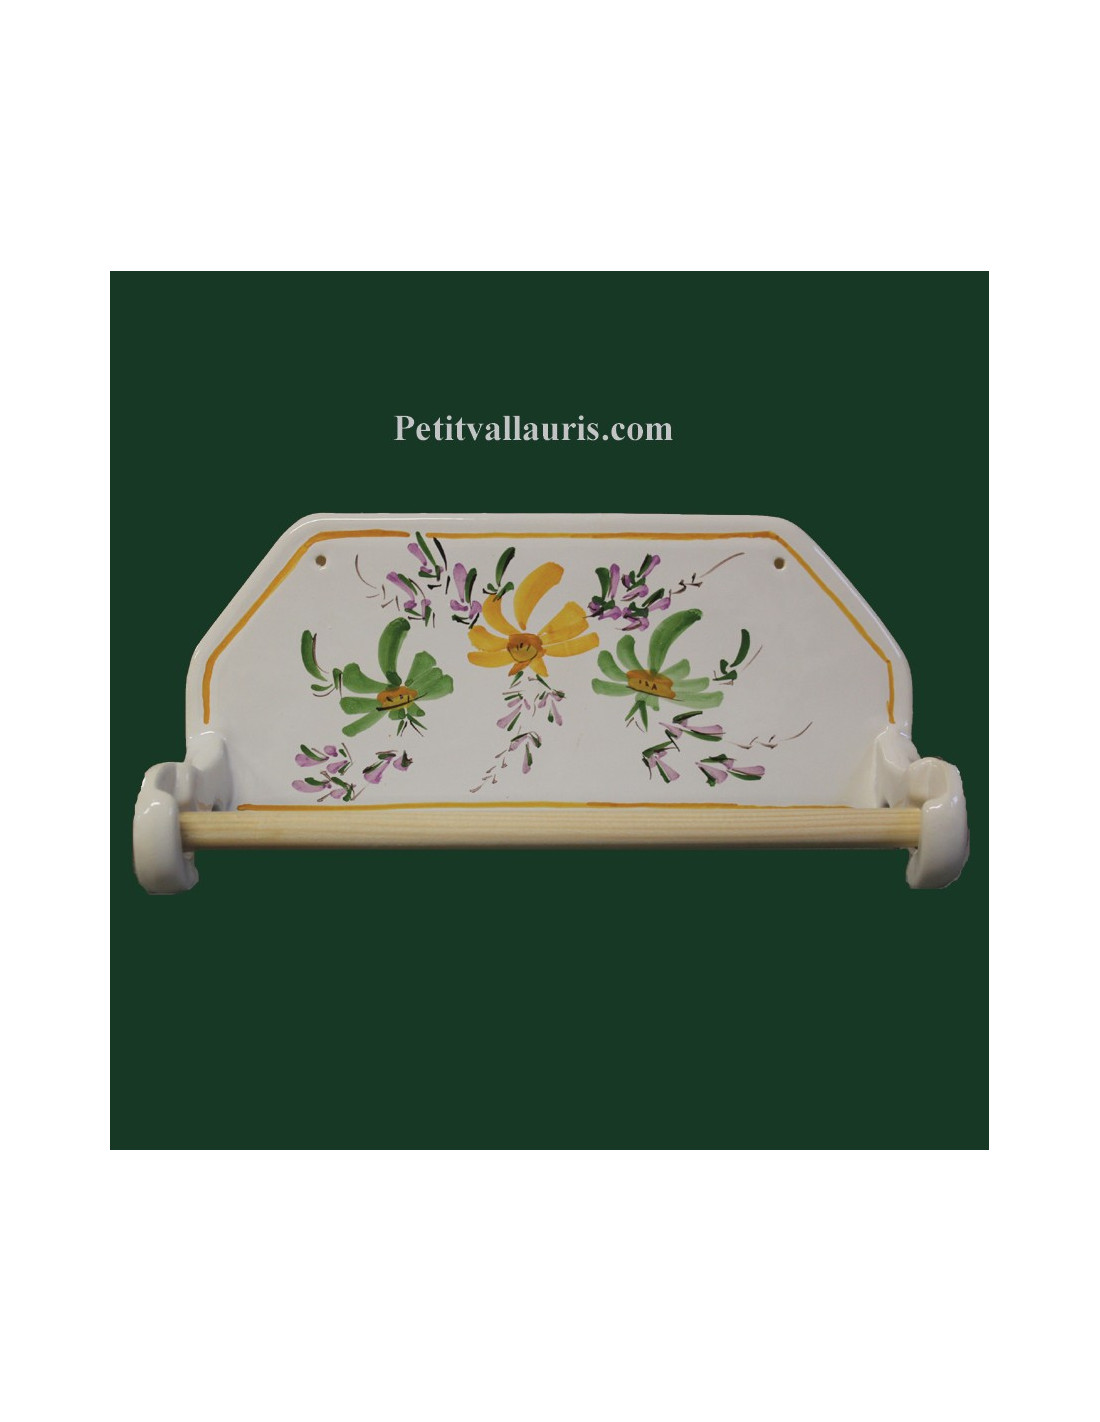 D rouleur de papier essuie tout mural d cor fleurs vertes et jaunes le petit vallauris - Derouleur essuie tout mural ...